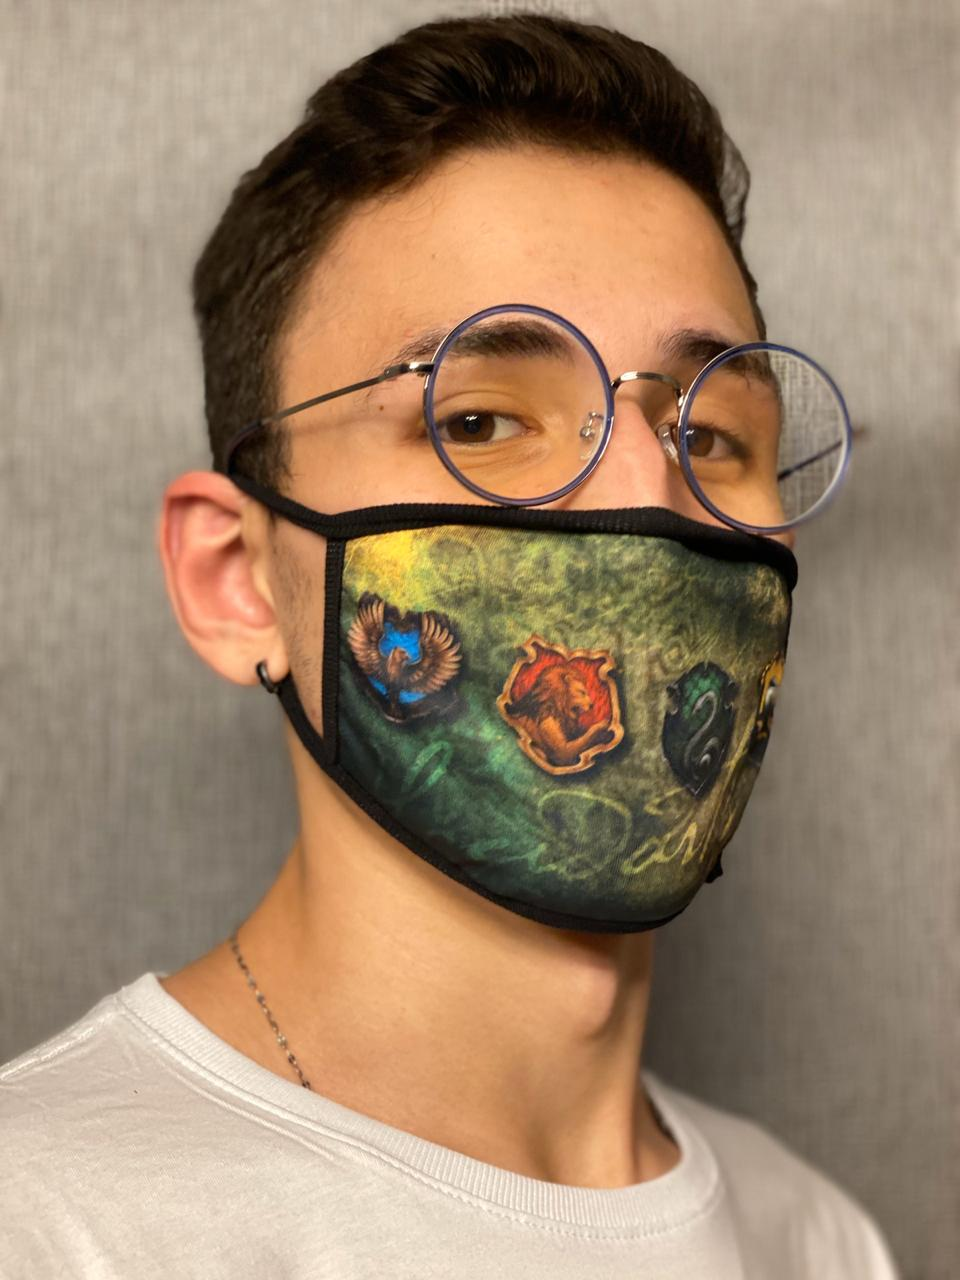 Máscara de Tecido Personalizada Casas Escola de Magia Lavável Reutilizável - EV